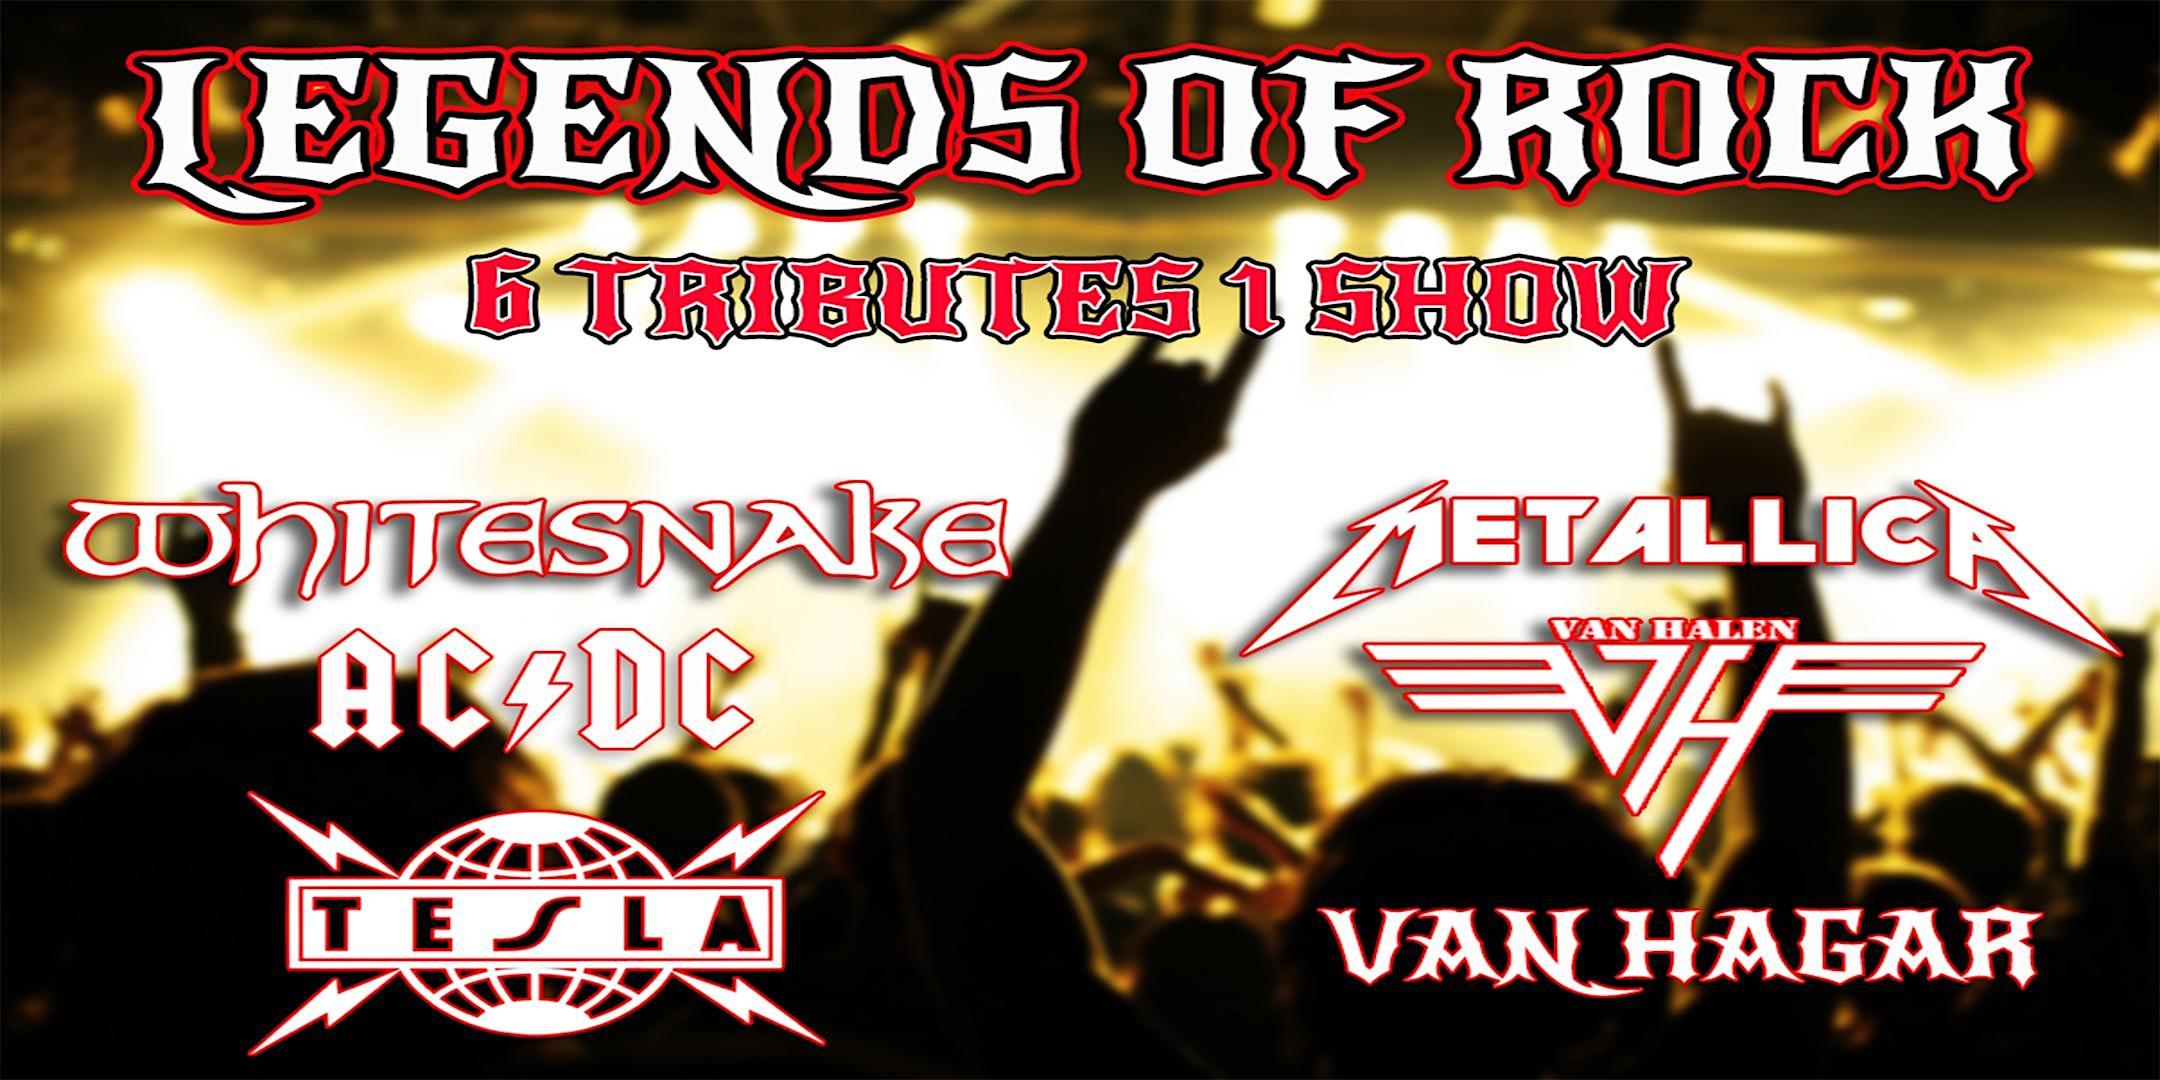 Legends of Rock Tribute – Whitesnake, AC/DC, Tesla, Metallica, Van Halen